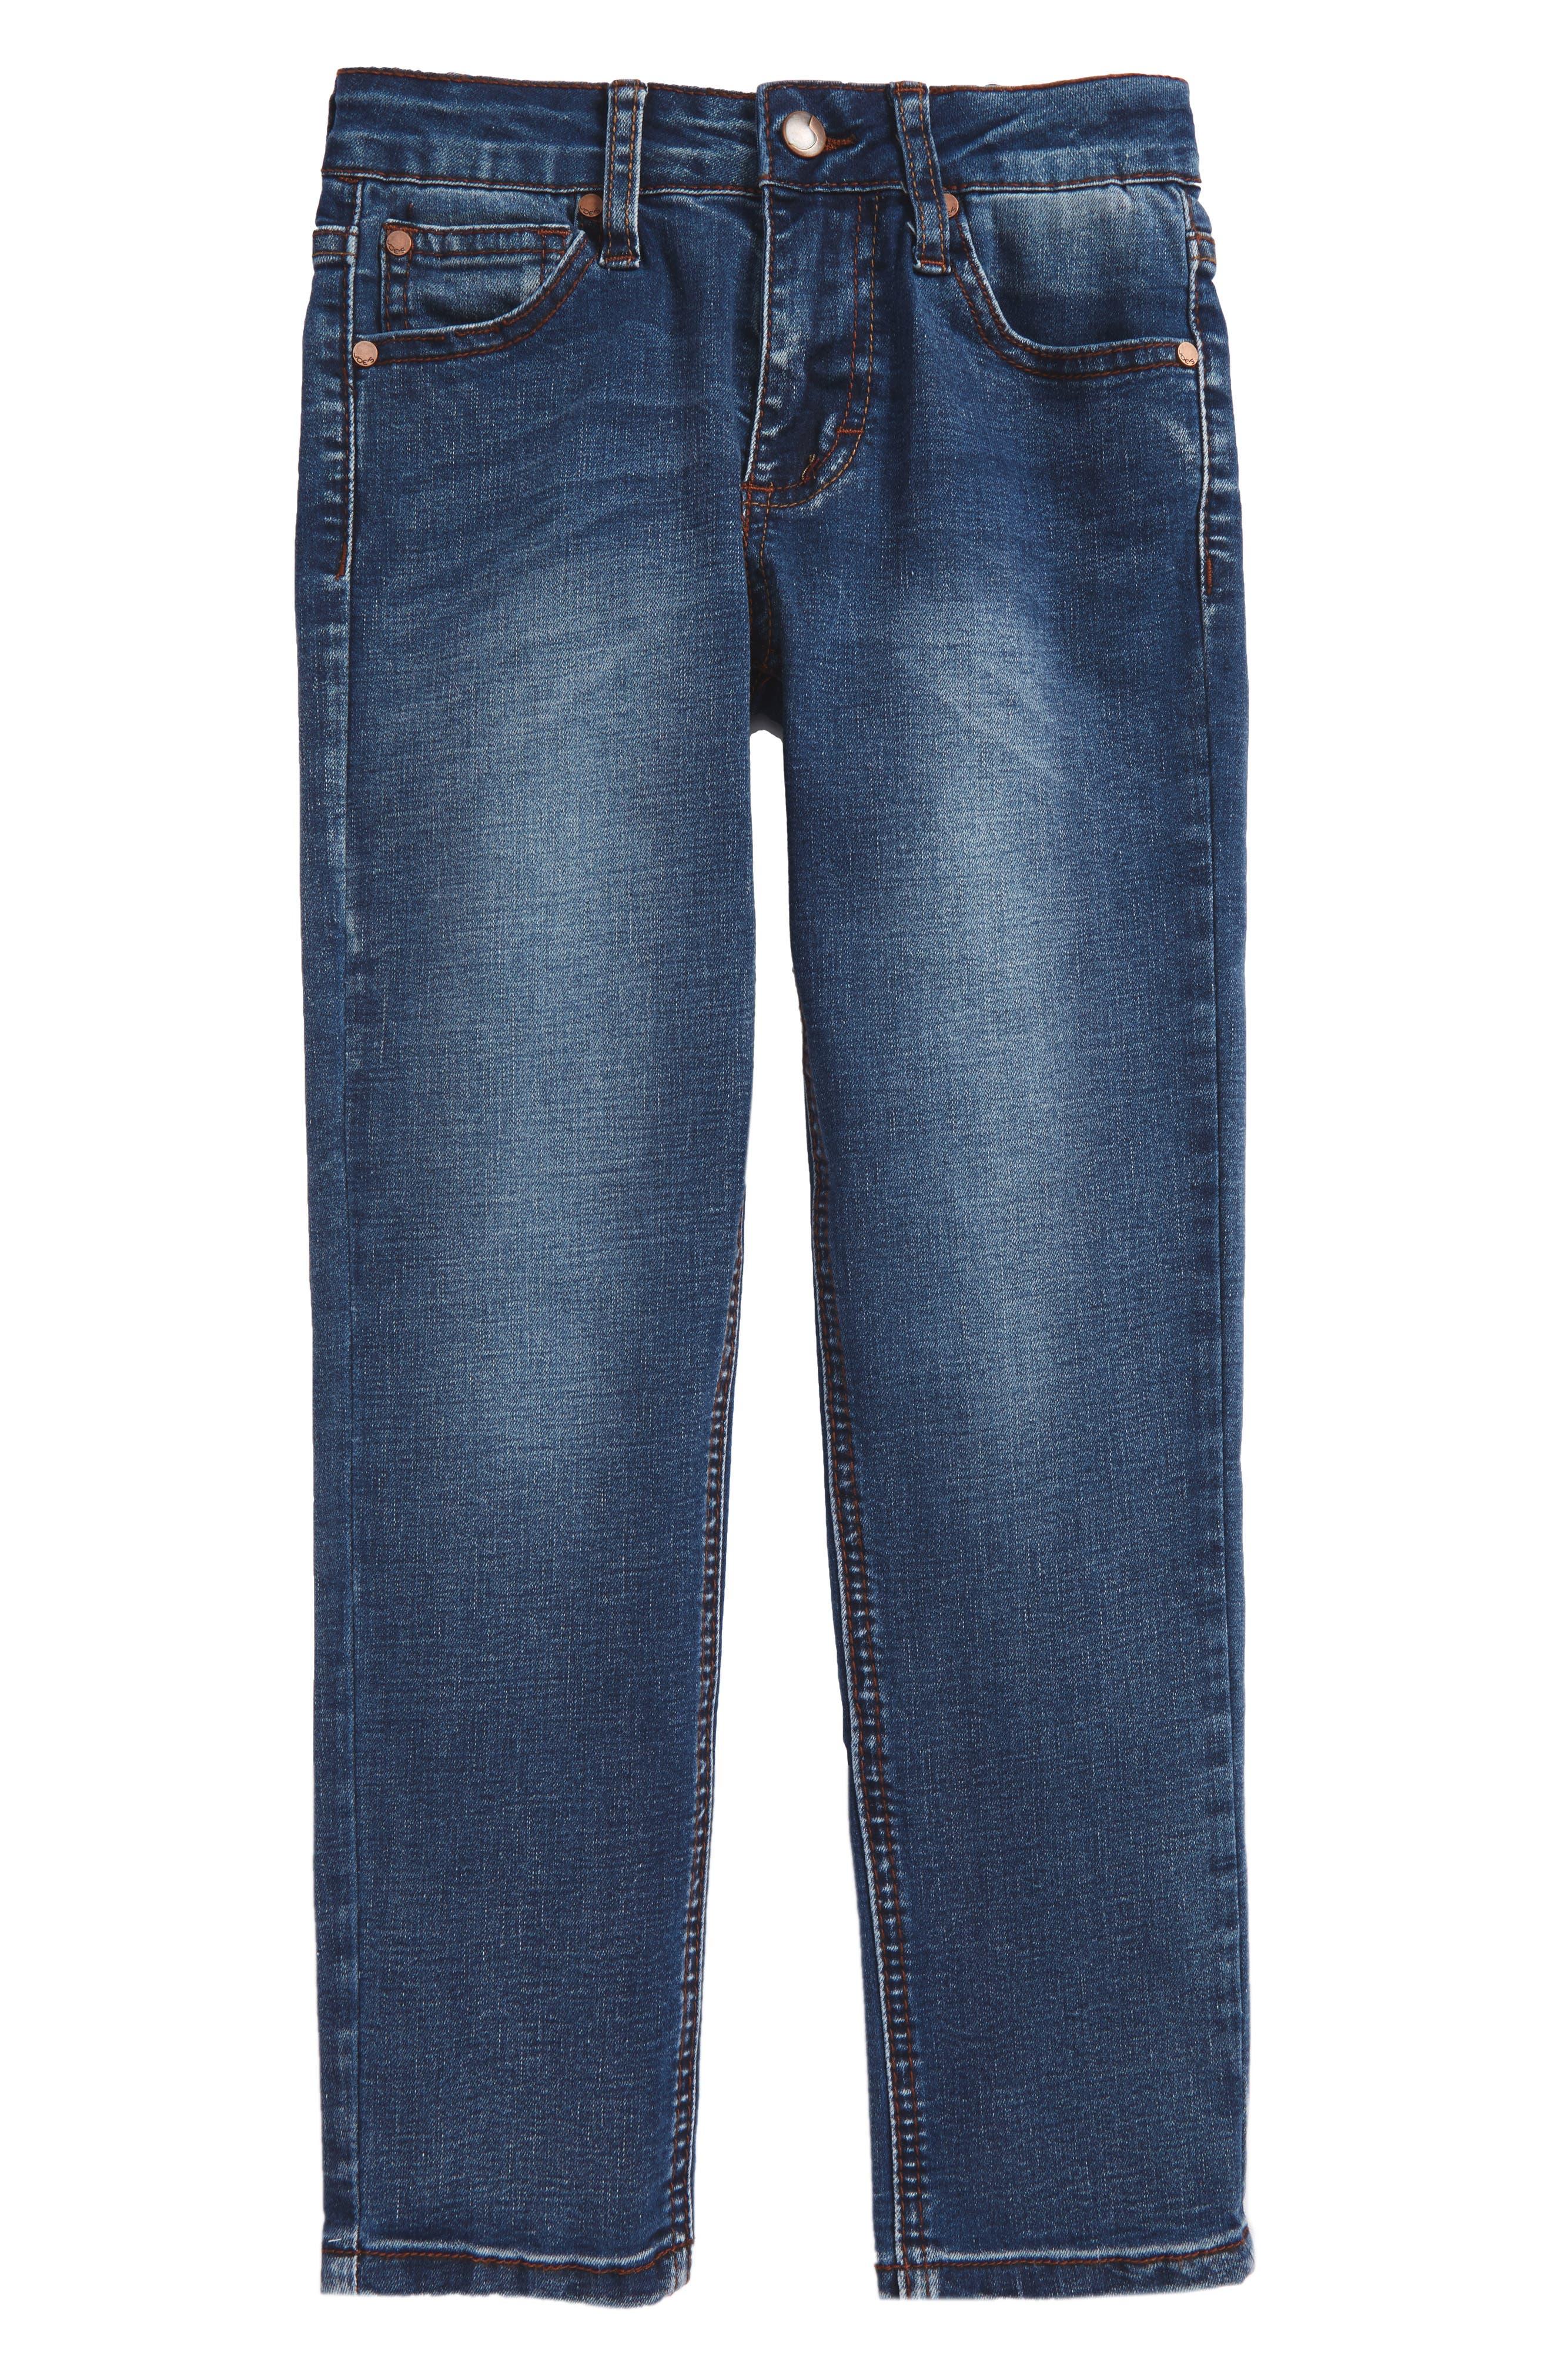 Brixton Slim Fit Stretch Jeans,                             Main thumbnail 1, color,                             455